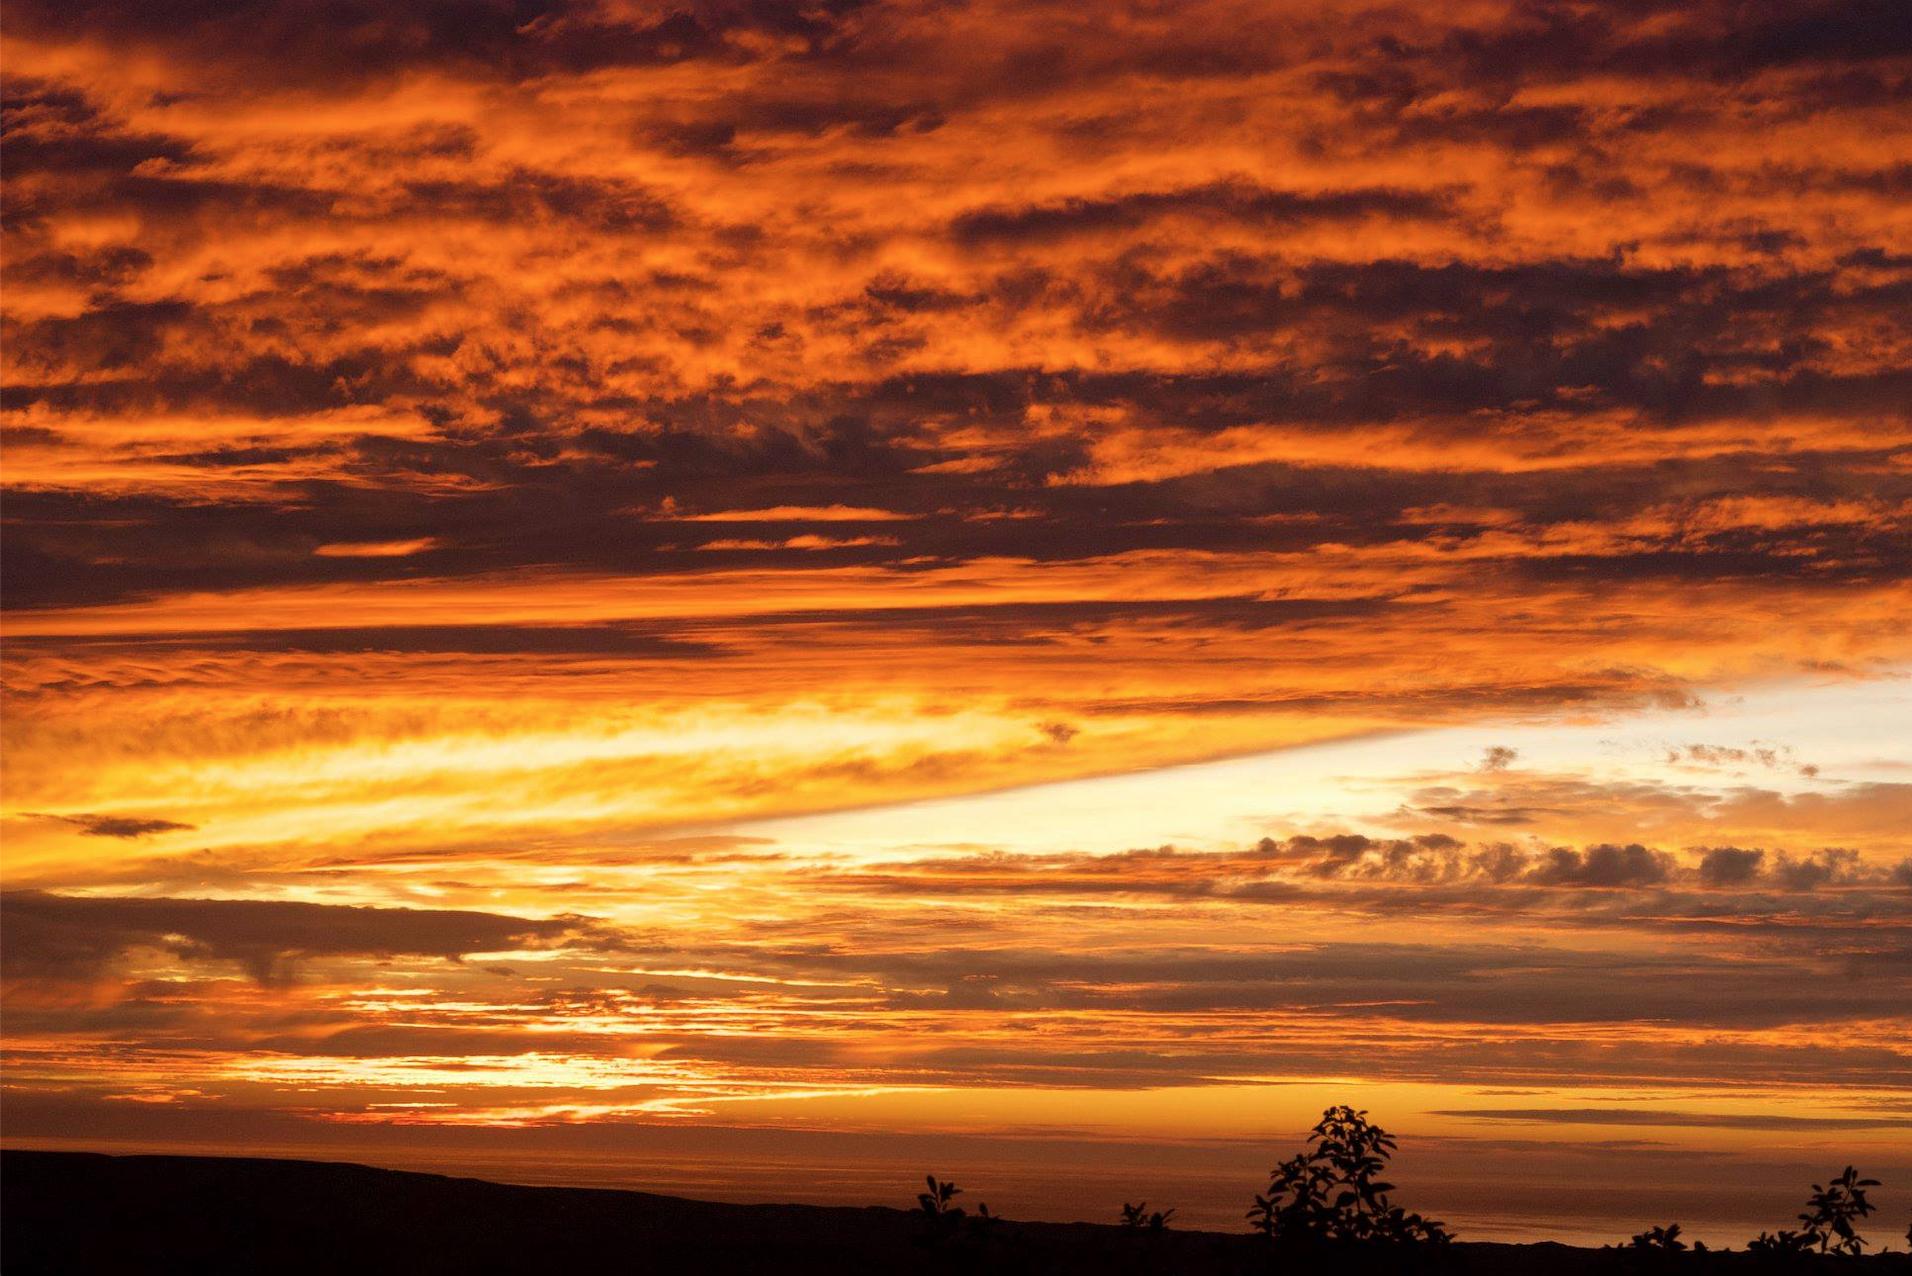 sunset in pt reyes 2.jpg